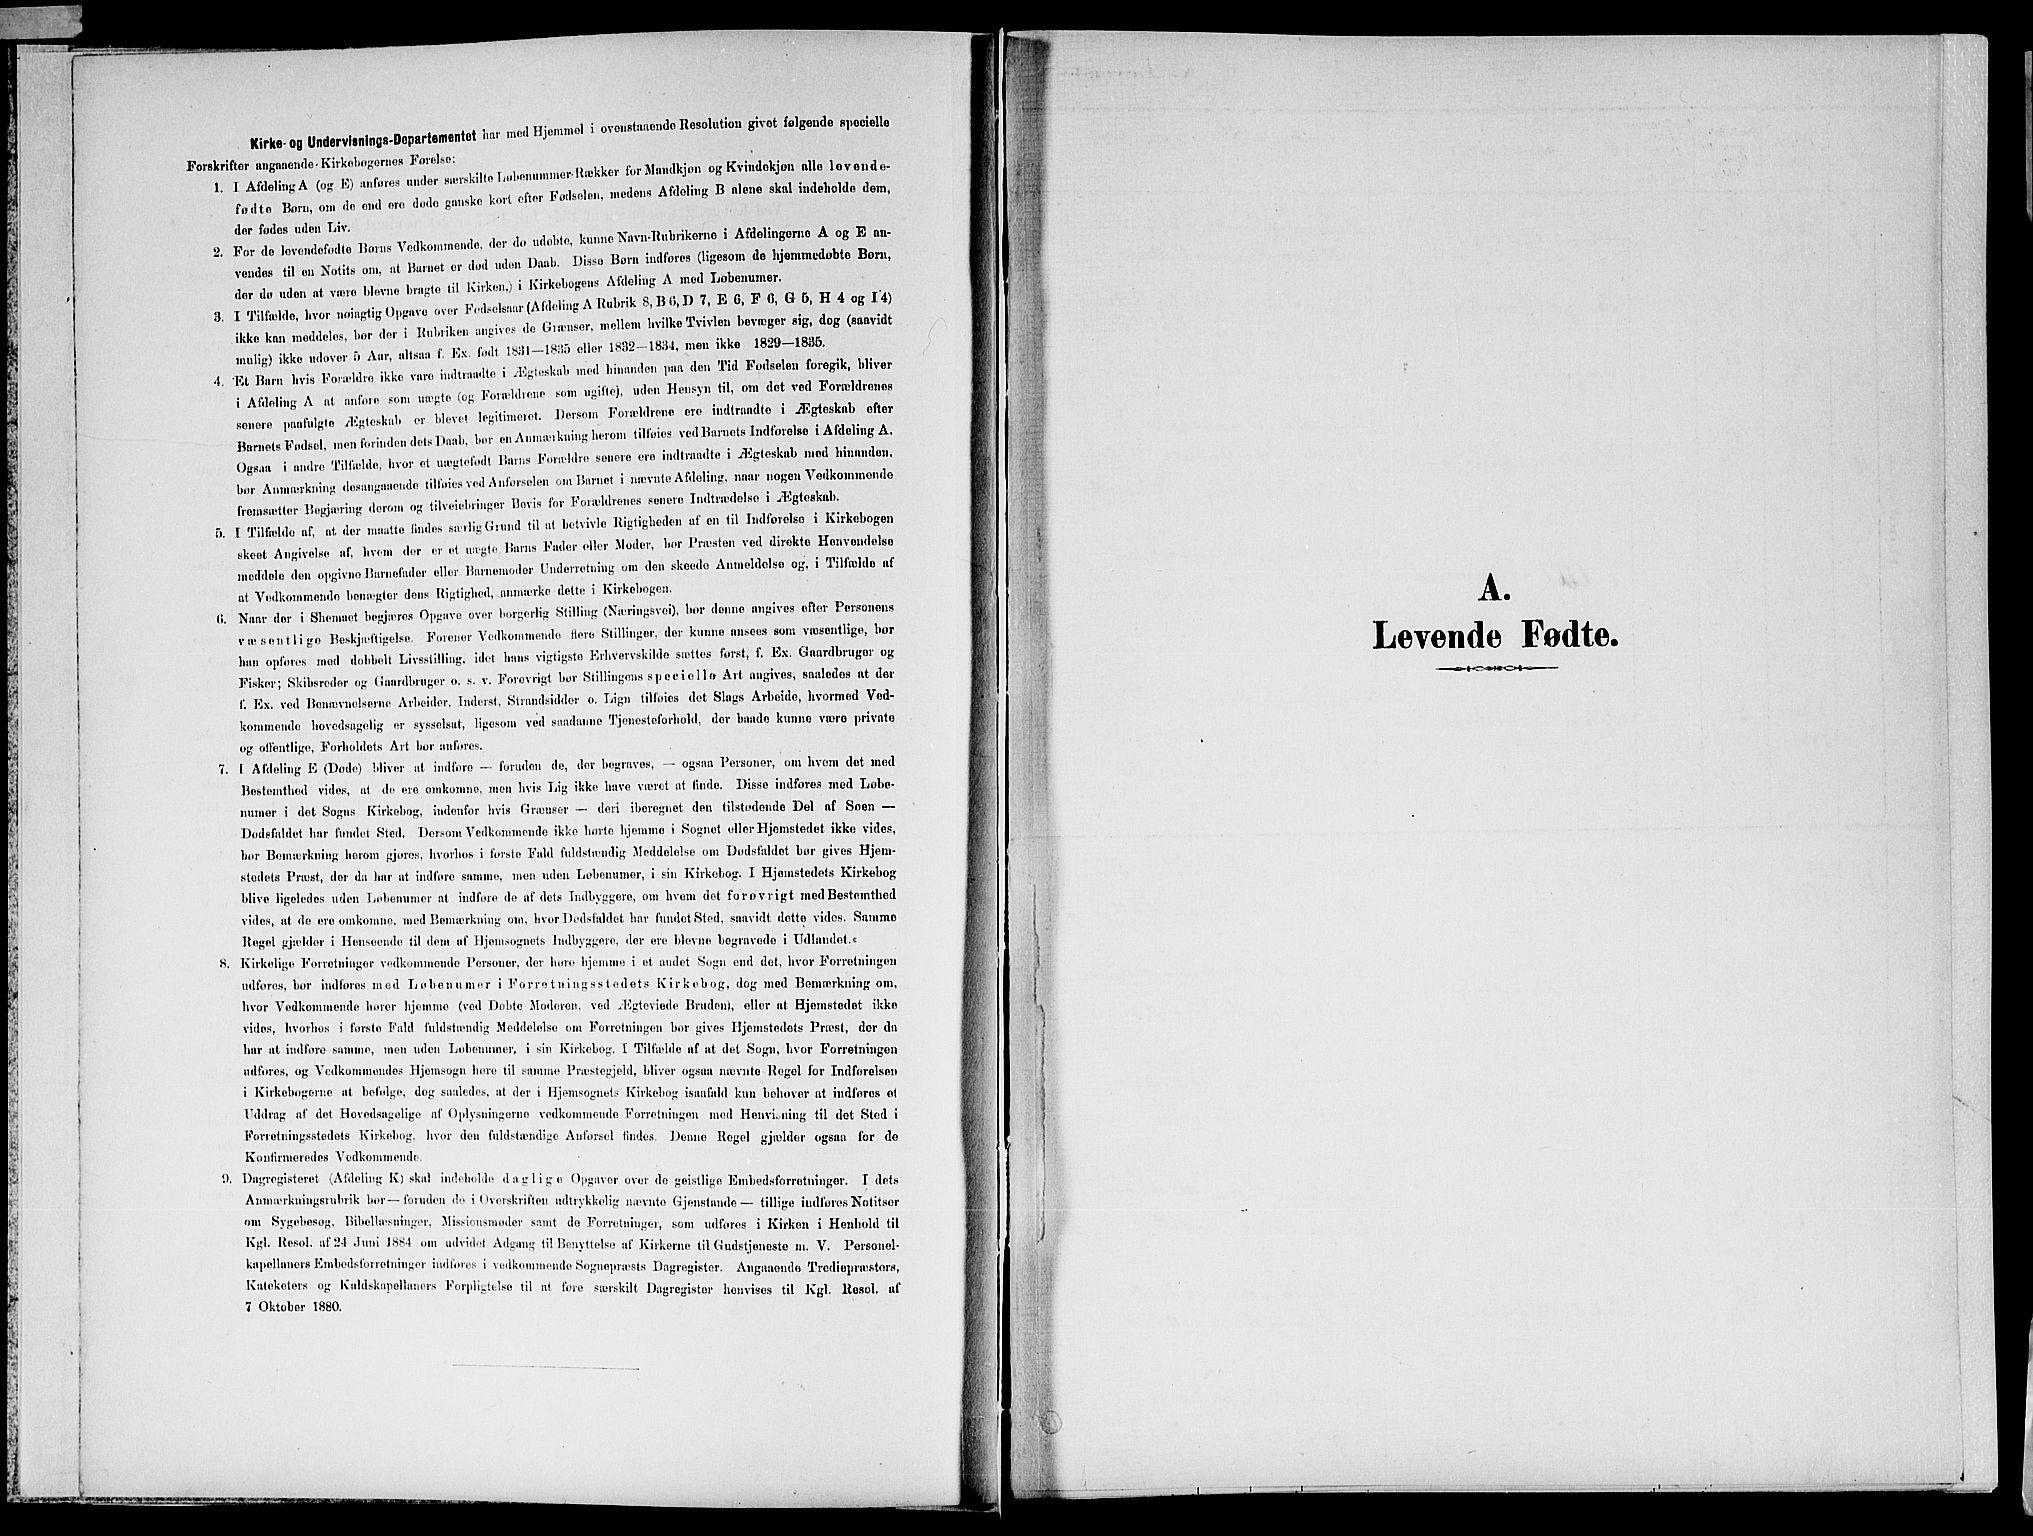 SAT, Ministerialprotokoller, klokkerbøker og fødselsregistre - Nord-Trøndelag, 773/L0617: Ministerialbok nr. 773A08, 1887-1910